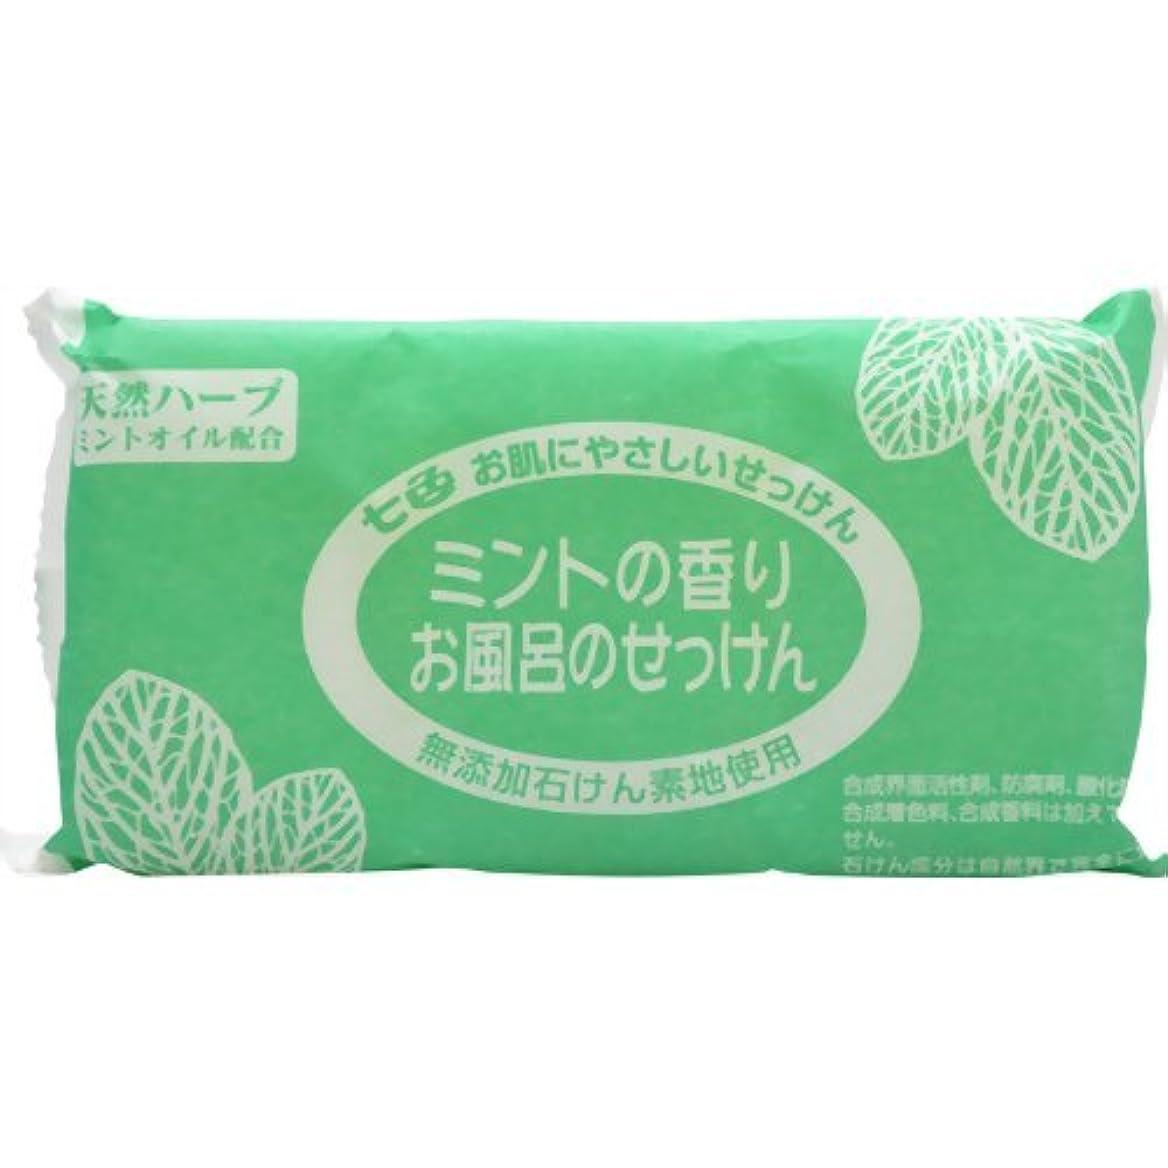 太鼓腹チャーター意志に反する七色 お風呂のせっけん ミントの香り(無添加石鹸) 100g×3個入